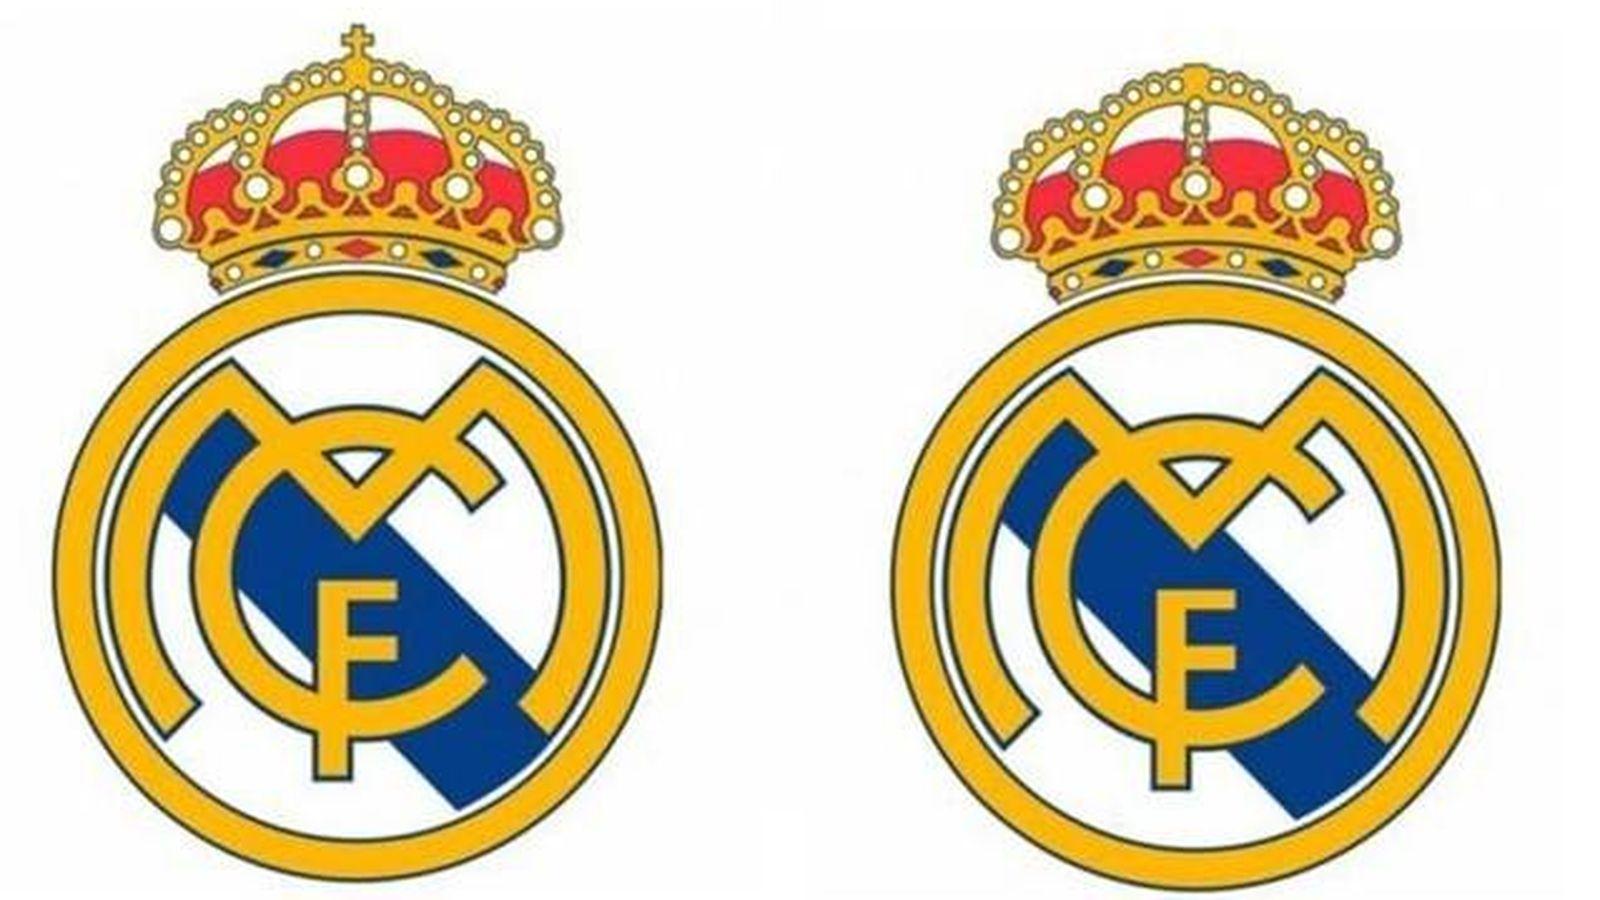 Real madrid el real madrid elimina la cruz del escudo en for Proximo partido del real madrid